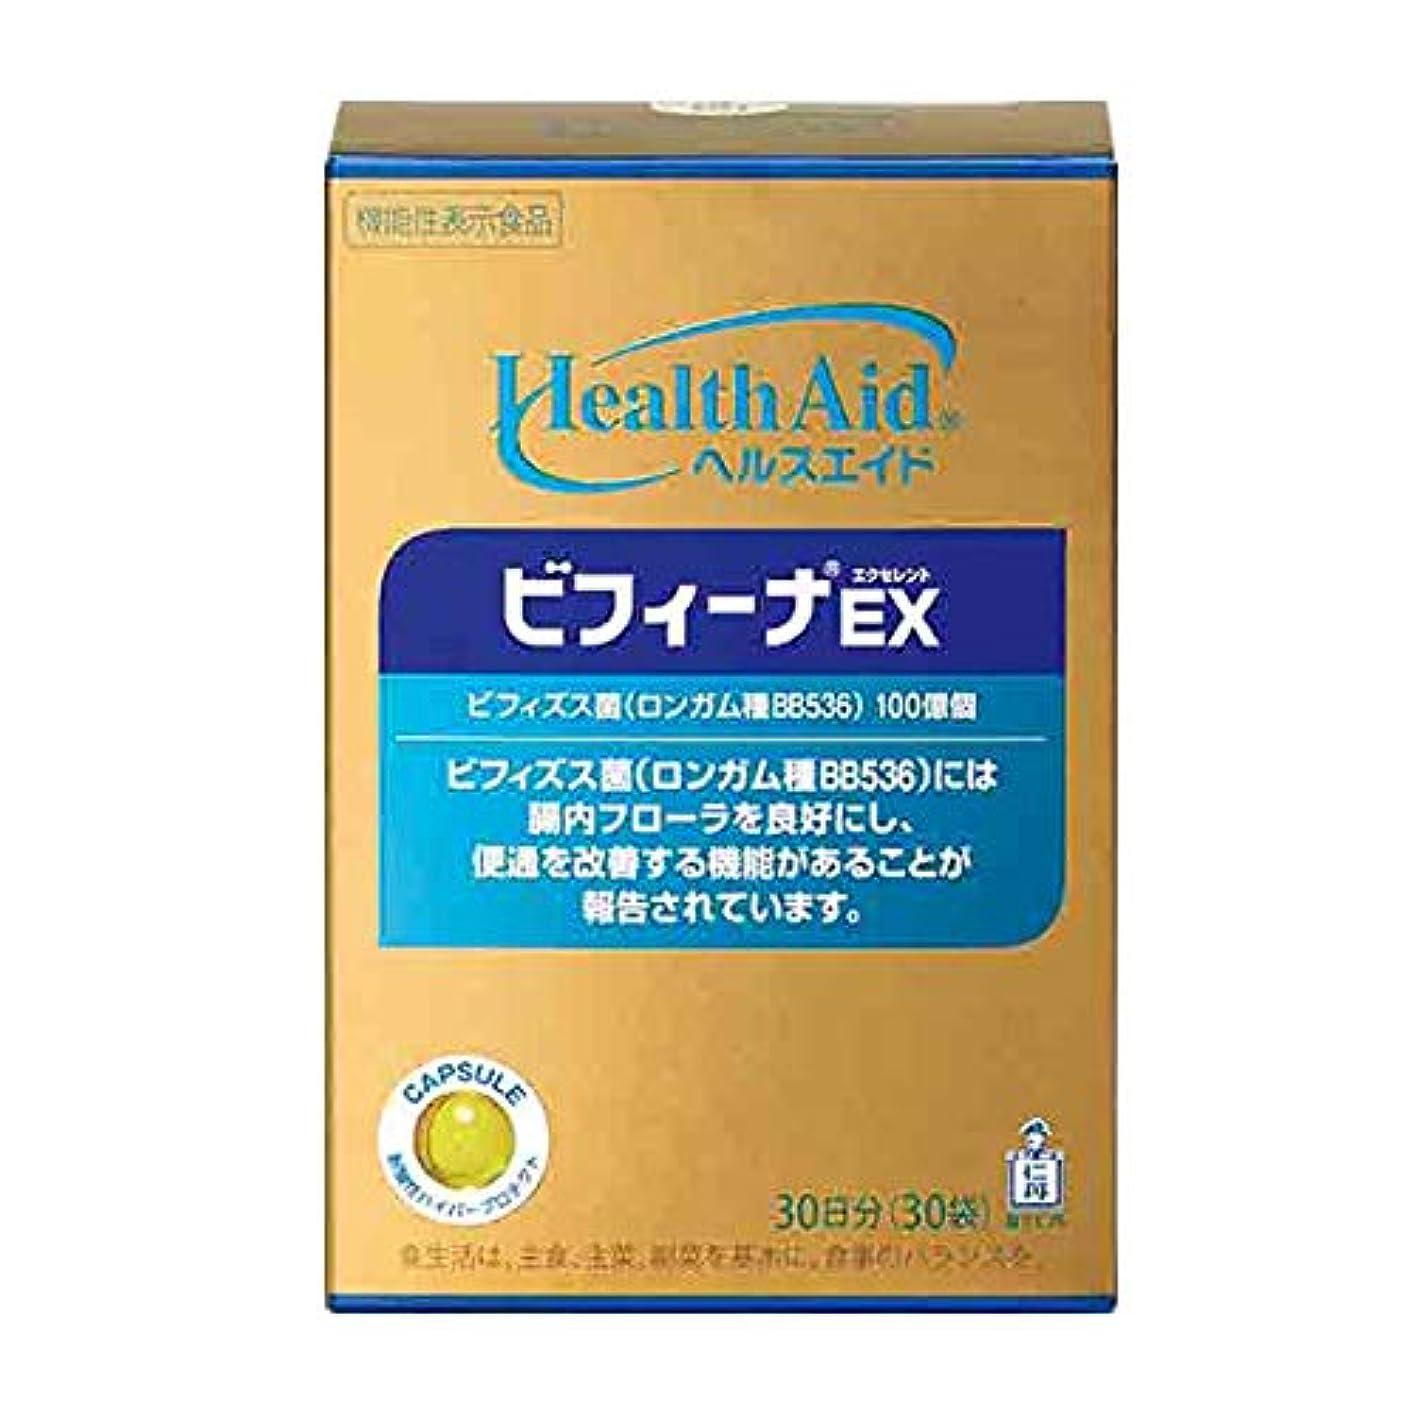 高尚な効果的症候群森下仁丹 ヘルスエイド? ビフィーナEX(エクセレント)30日分(30袋)[機能性表示食品] ビフィズス菌 乳酸菌